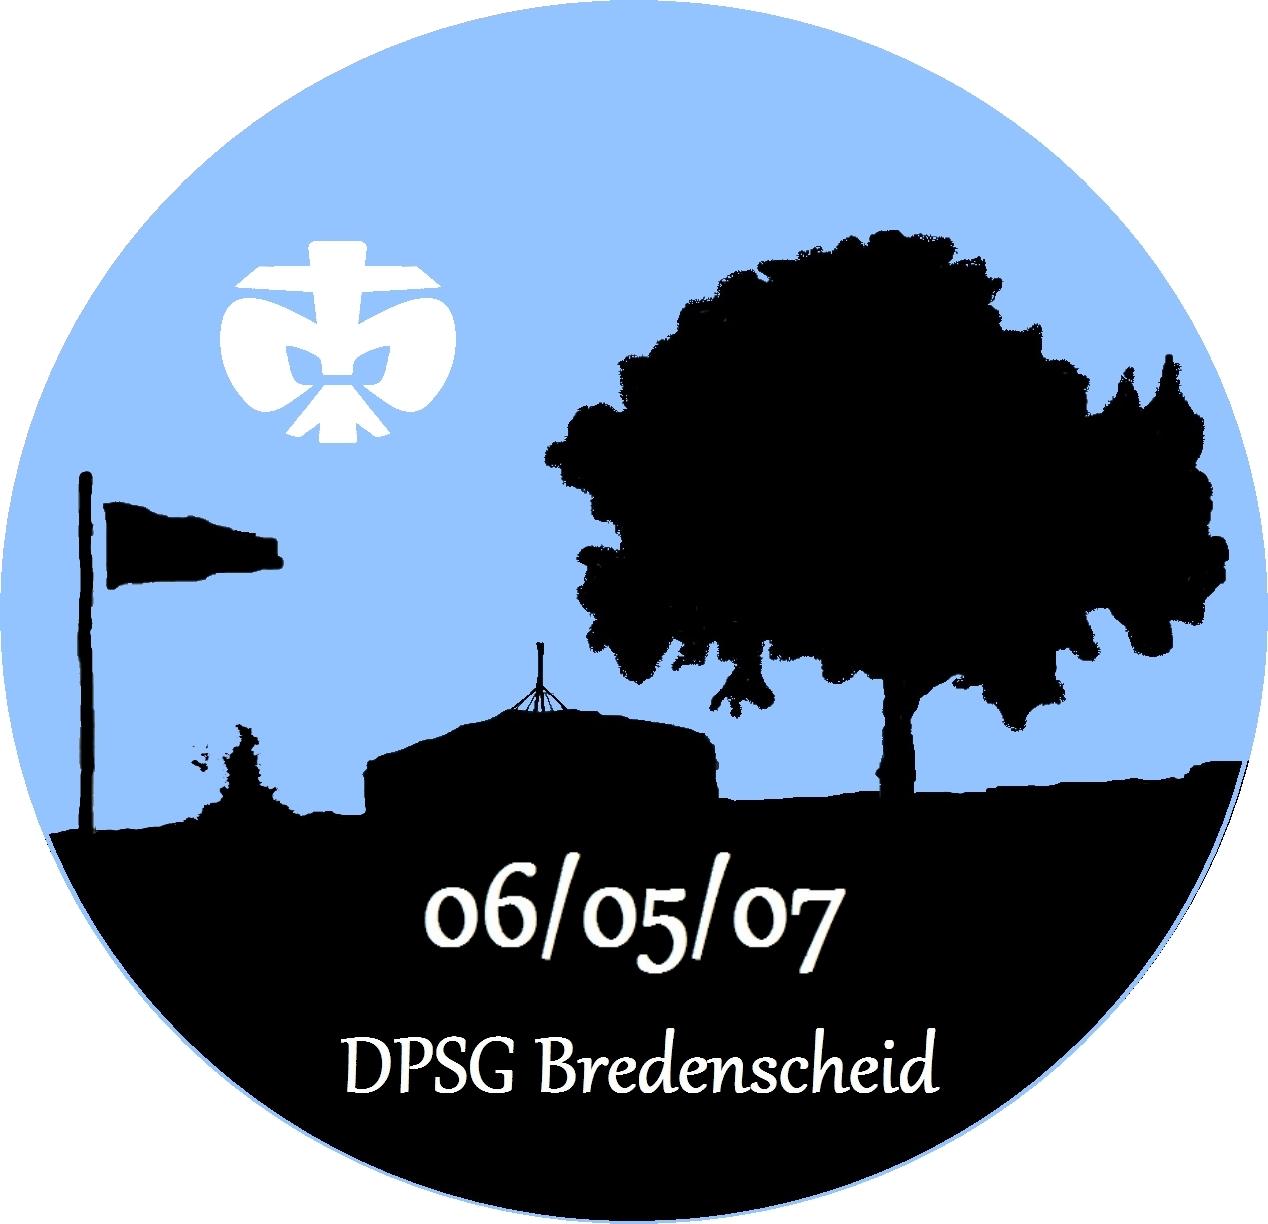 DPSG Bredenscheid